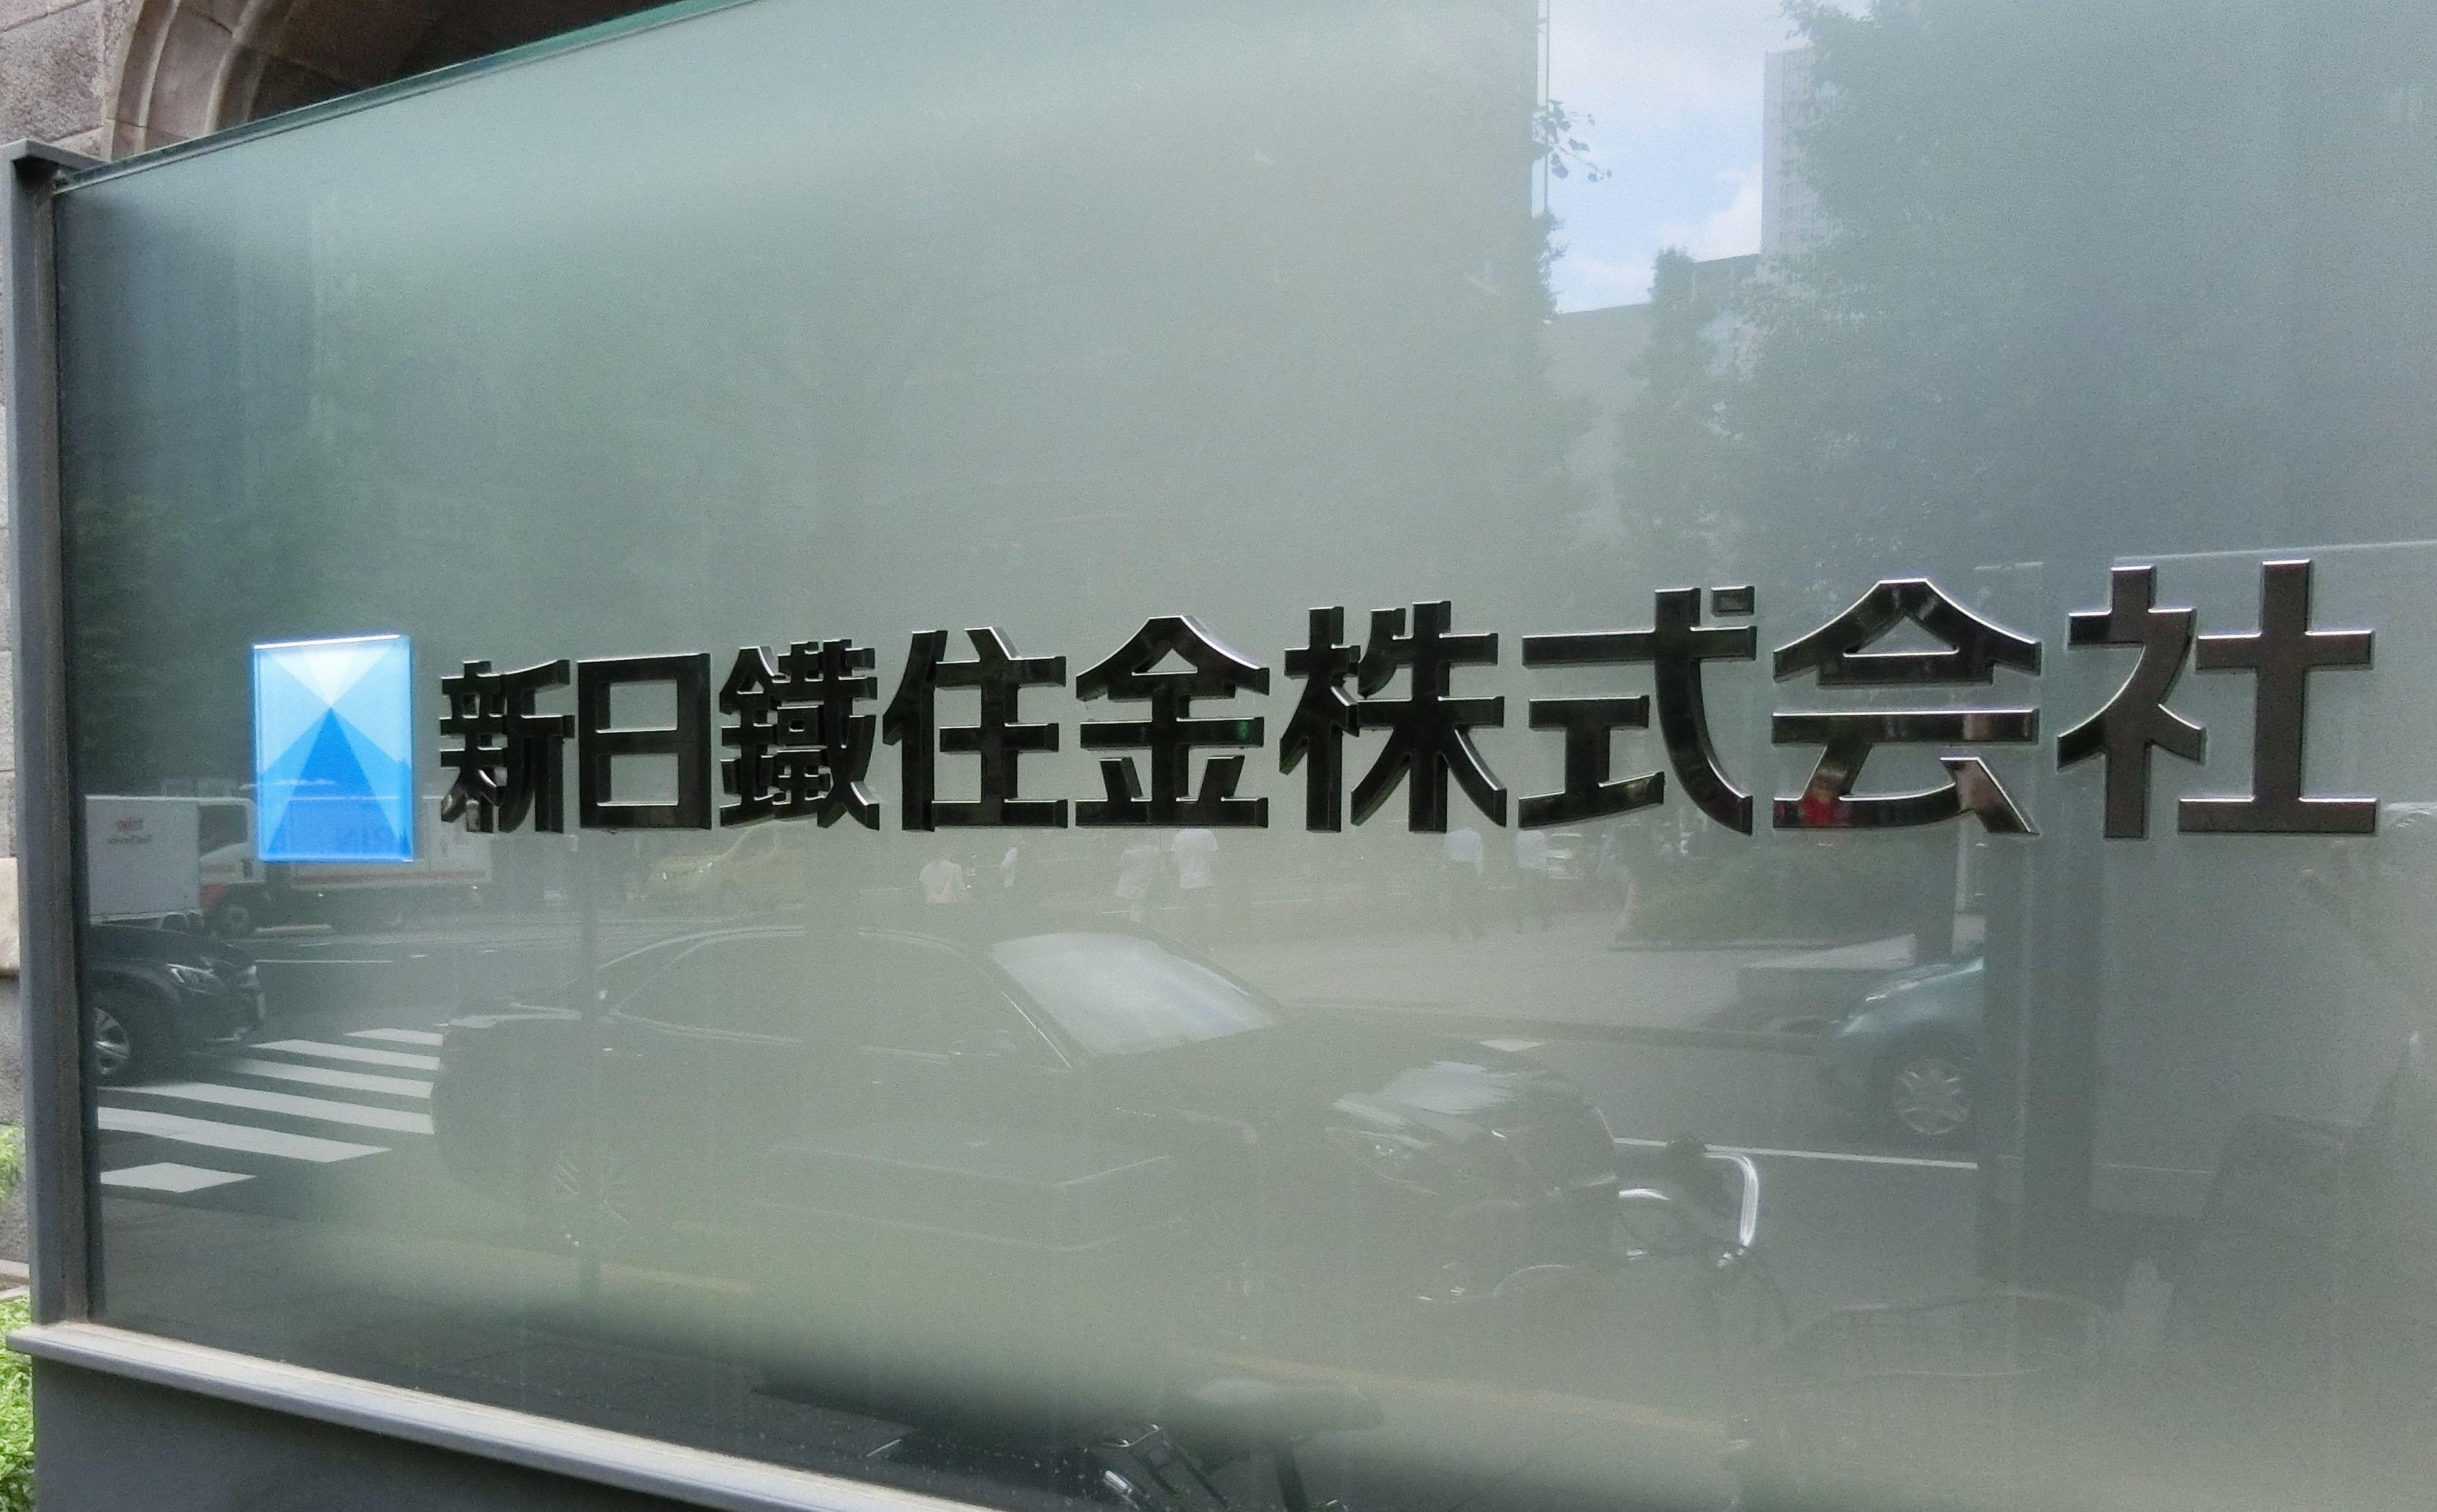 【新日鉄住金】「日本製鉄」発進に向け  M&A目白押し